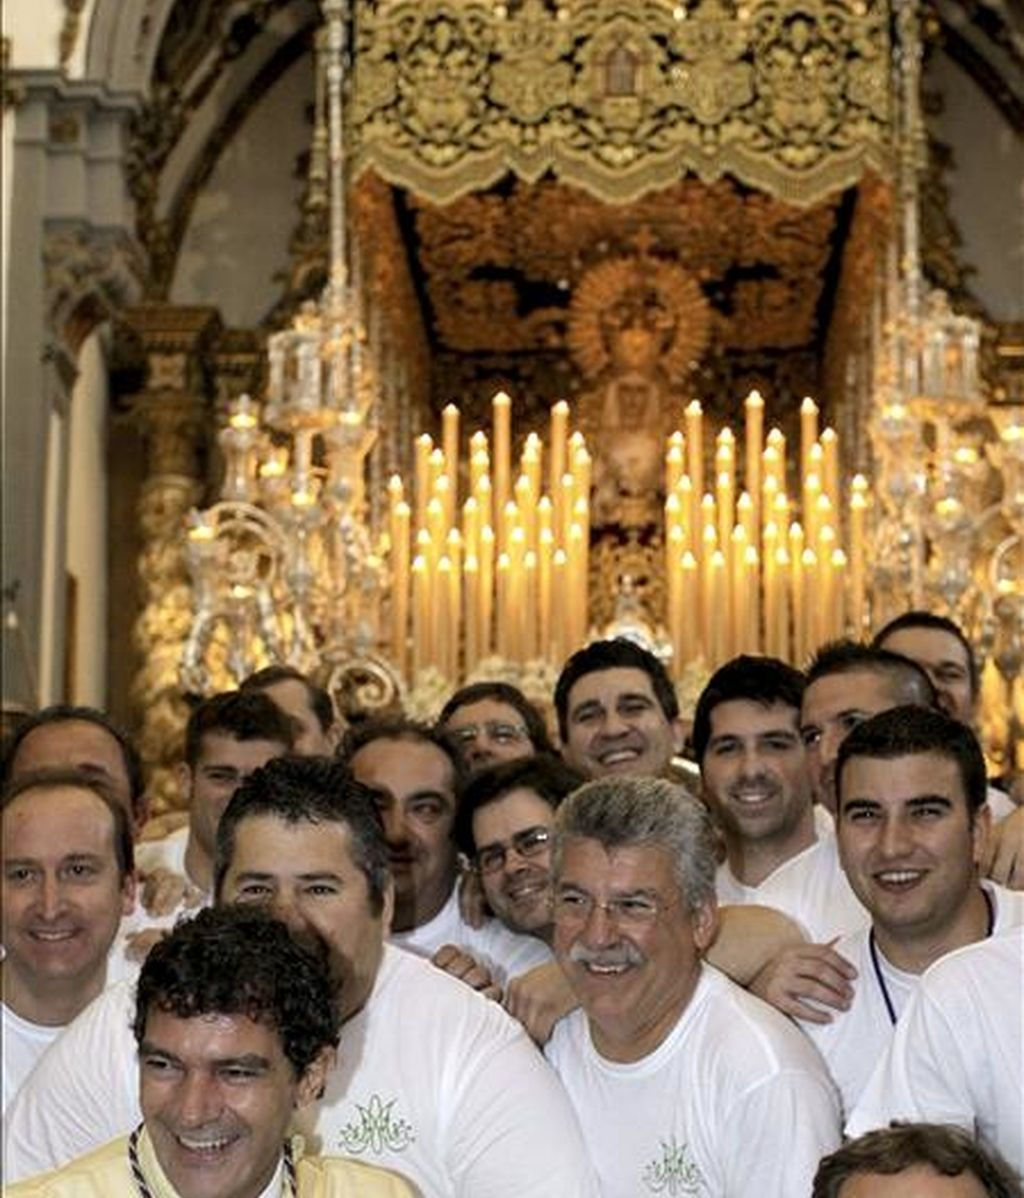 El actor Antonio Banderas (izda), mayordomo del trono de María Santísima de Lágrimas y Favores en las Cofradías Fusionadas, junto a los costaleros, antes de su salida, en el inicio de la Semana Santa de Málaga. EFE